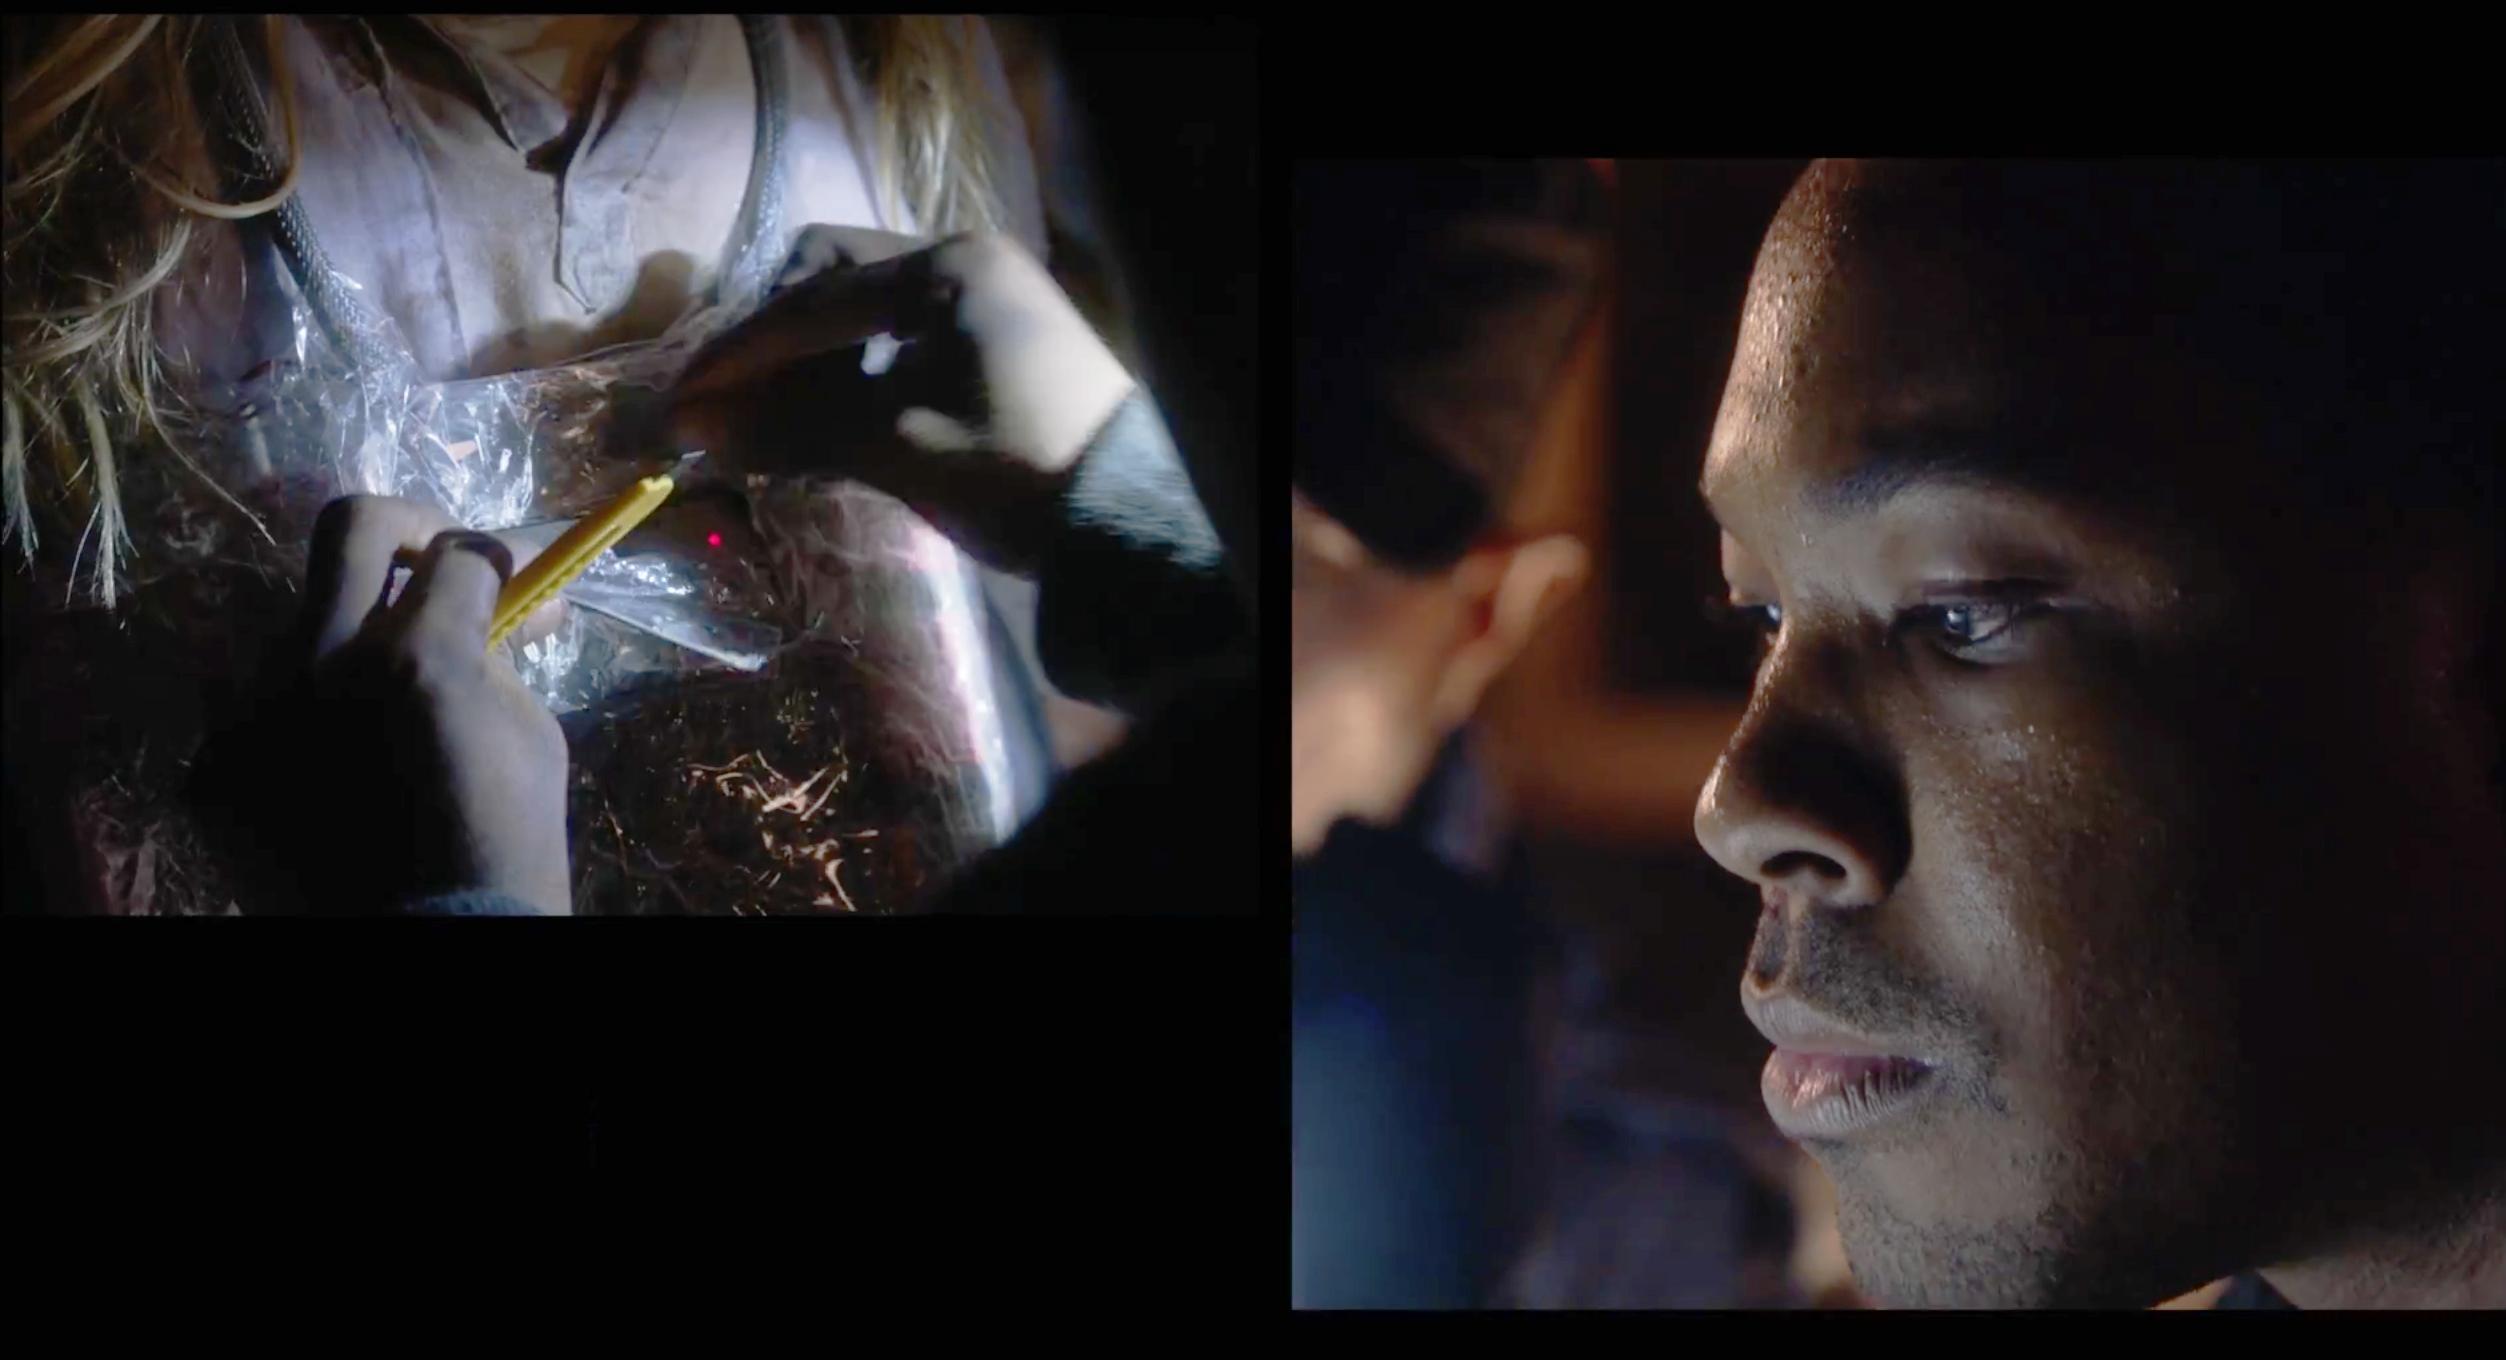 『24: レガシー』次回第9話の予告編②が公開されています!